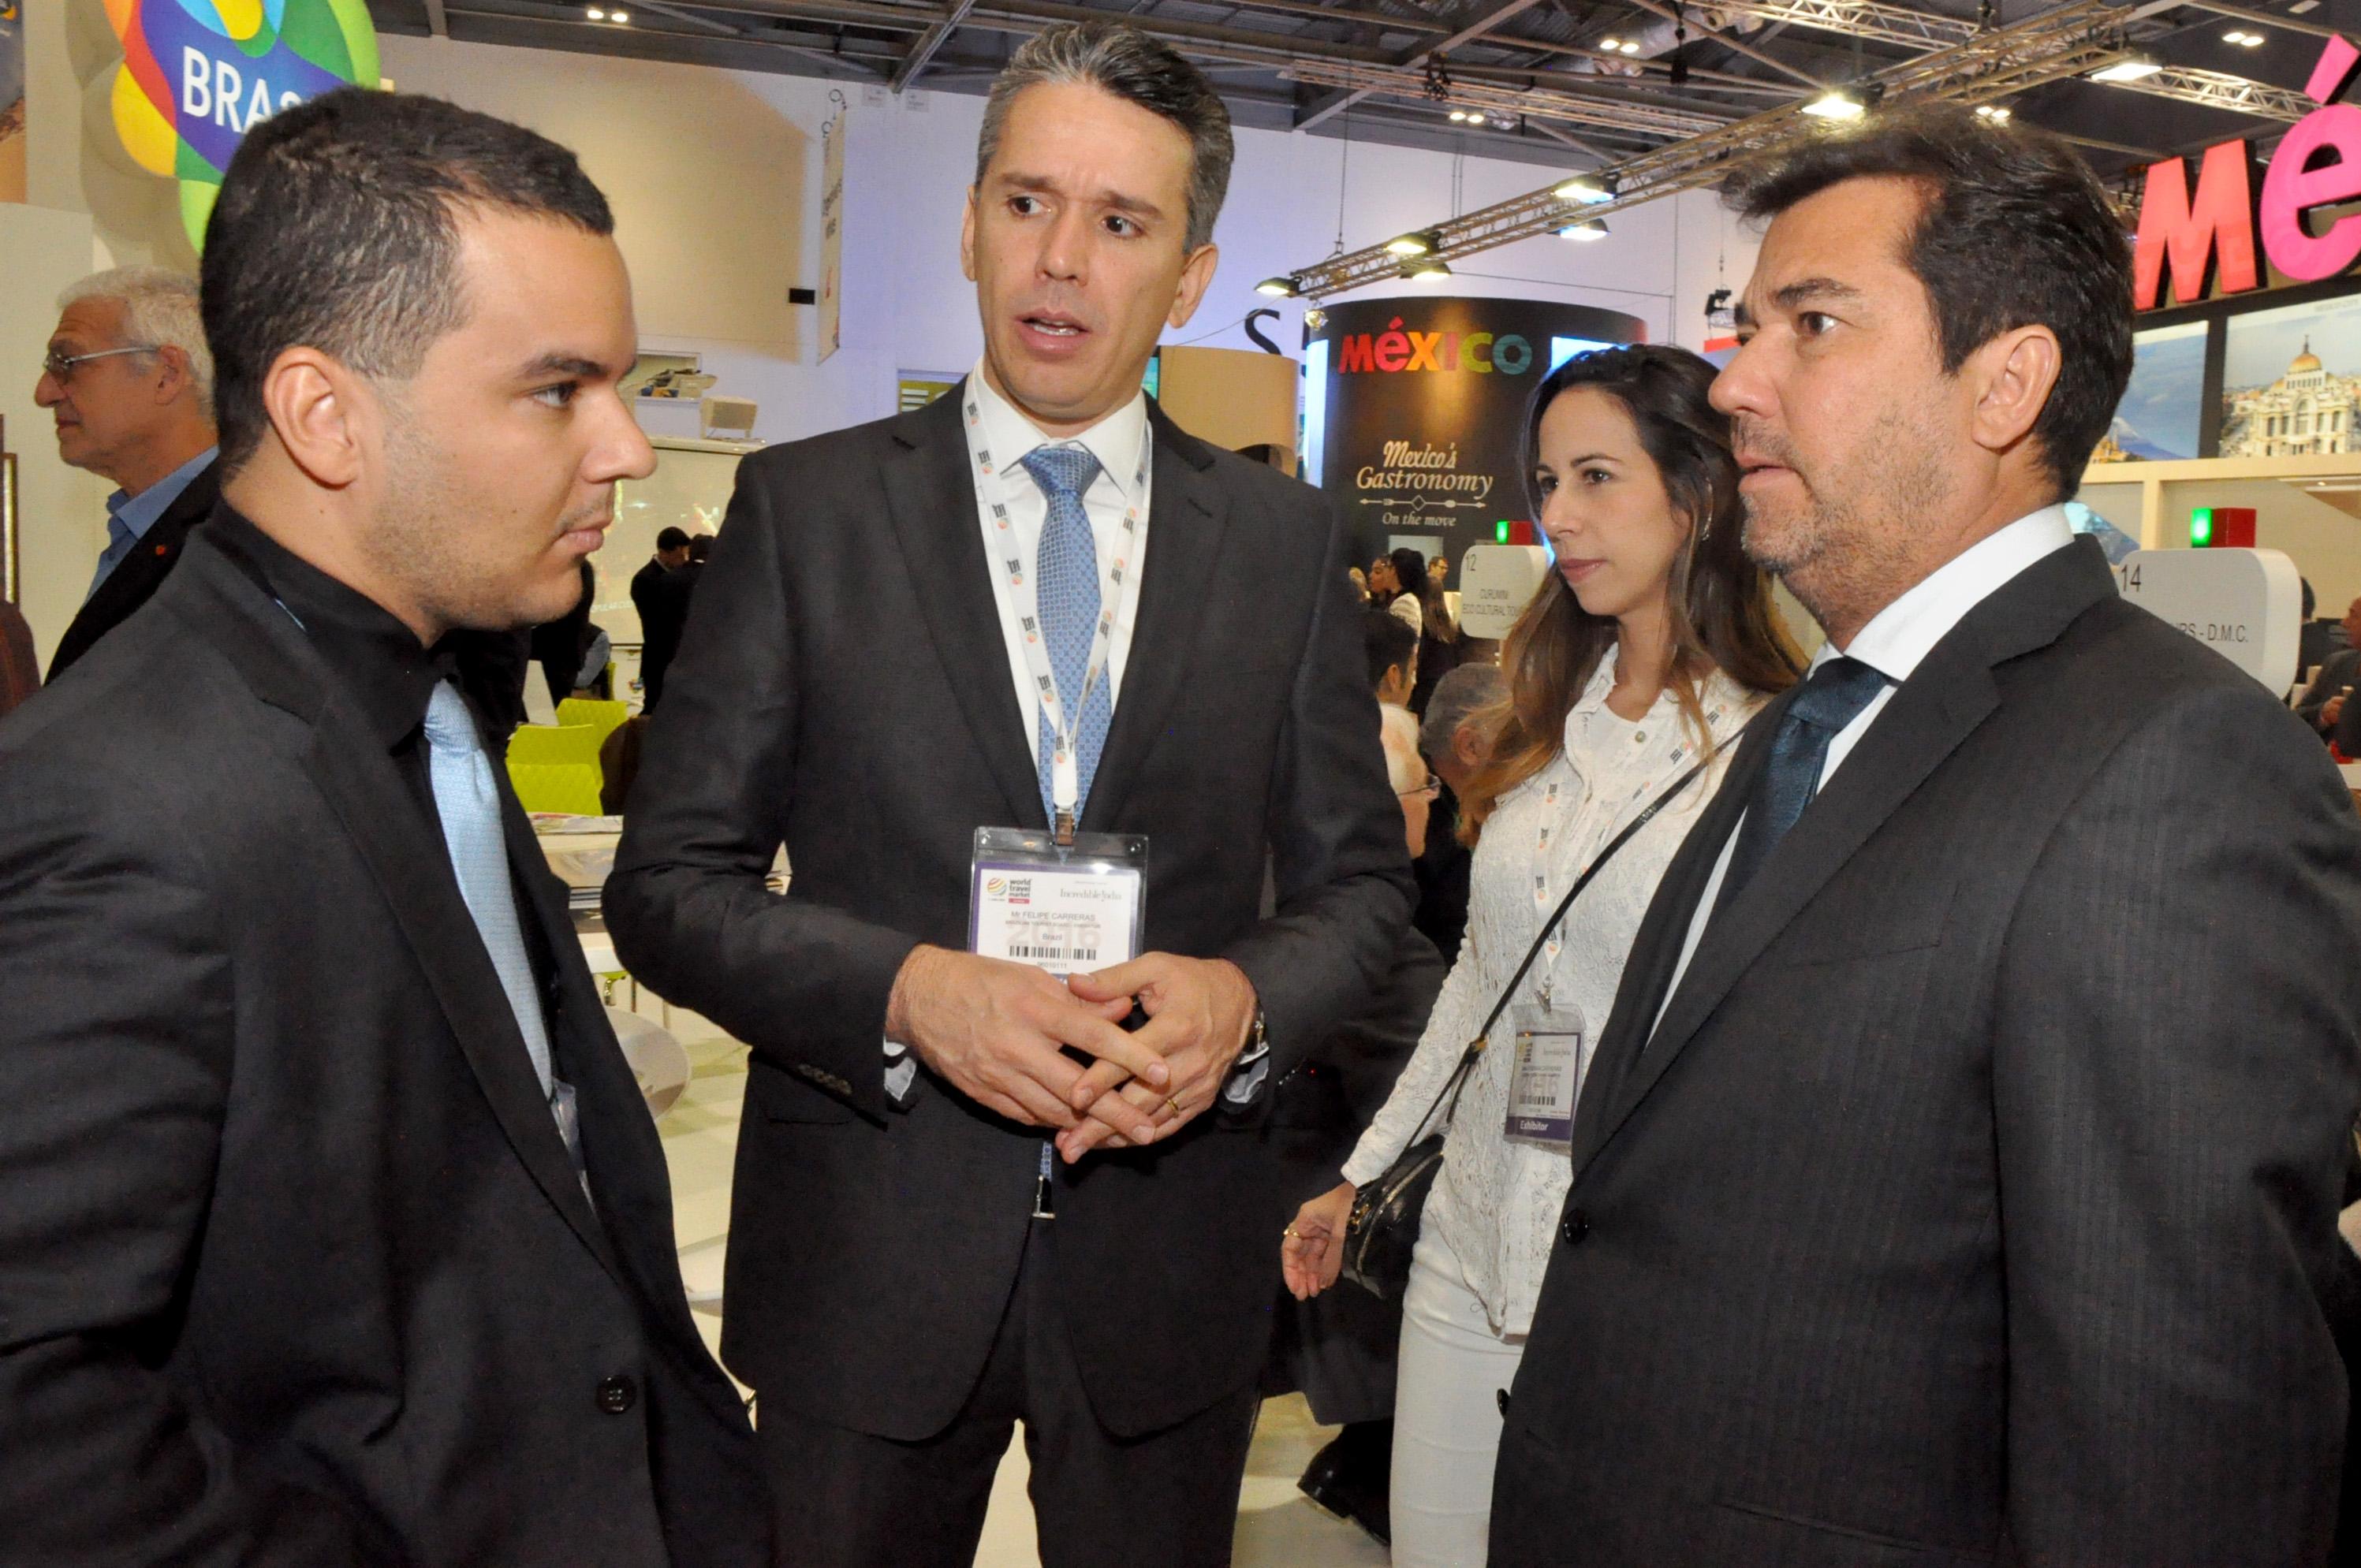 Diego Araujo, secretário de Cultura e Turismo do MA, Felipe Carreras, secretário de Turismo, Lazer e Esportes de PE, e Ruy Gaspar, secretário de Turismo do RN